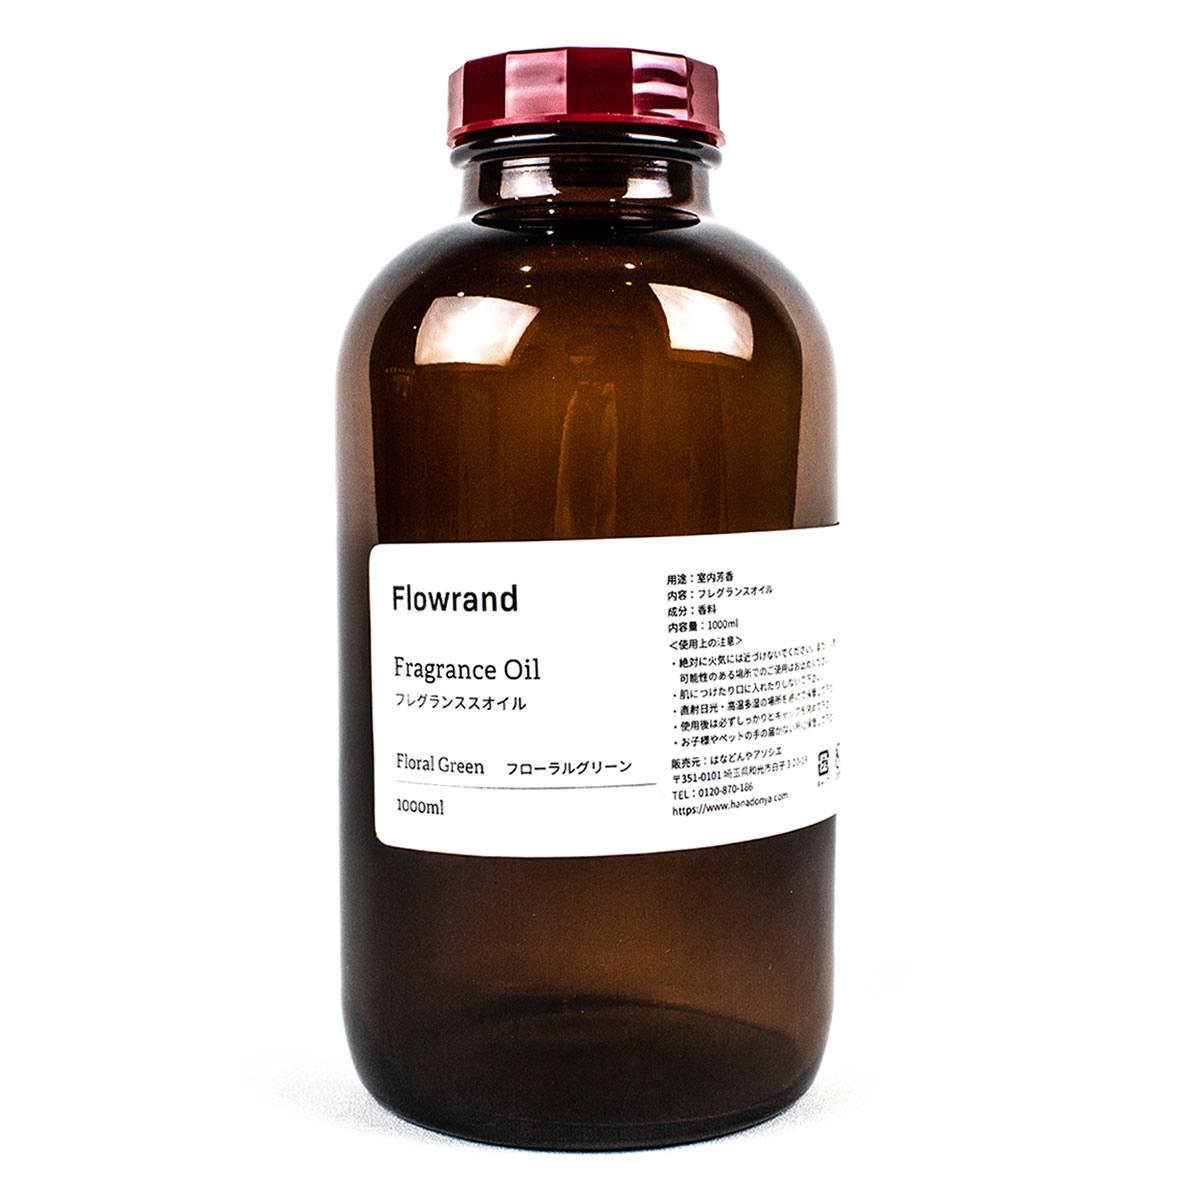 Flowrand/ハーバリウムディフューザー用フレグランスオイル 1000ml フローラルグリーン【01】【取寄】